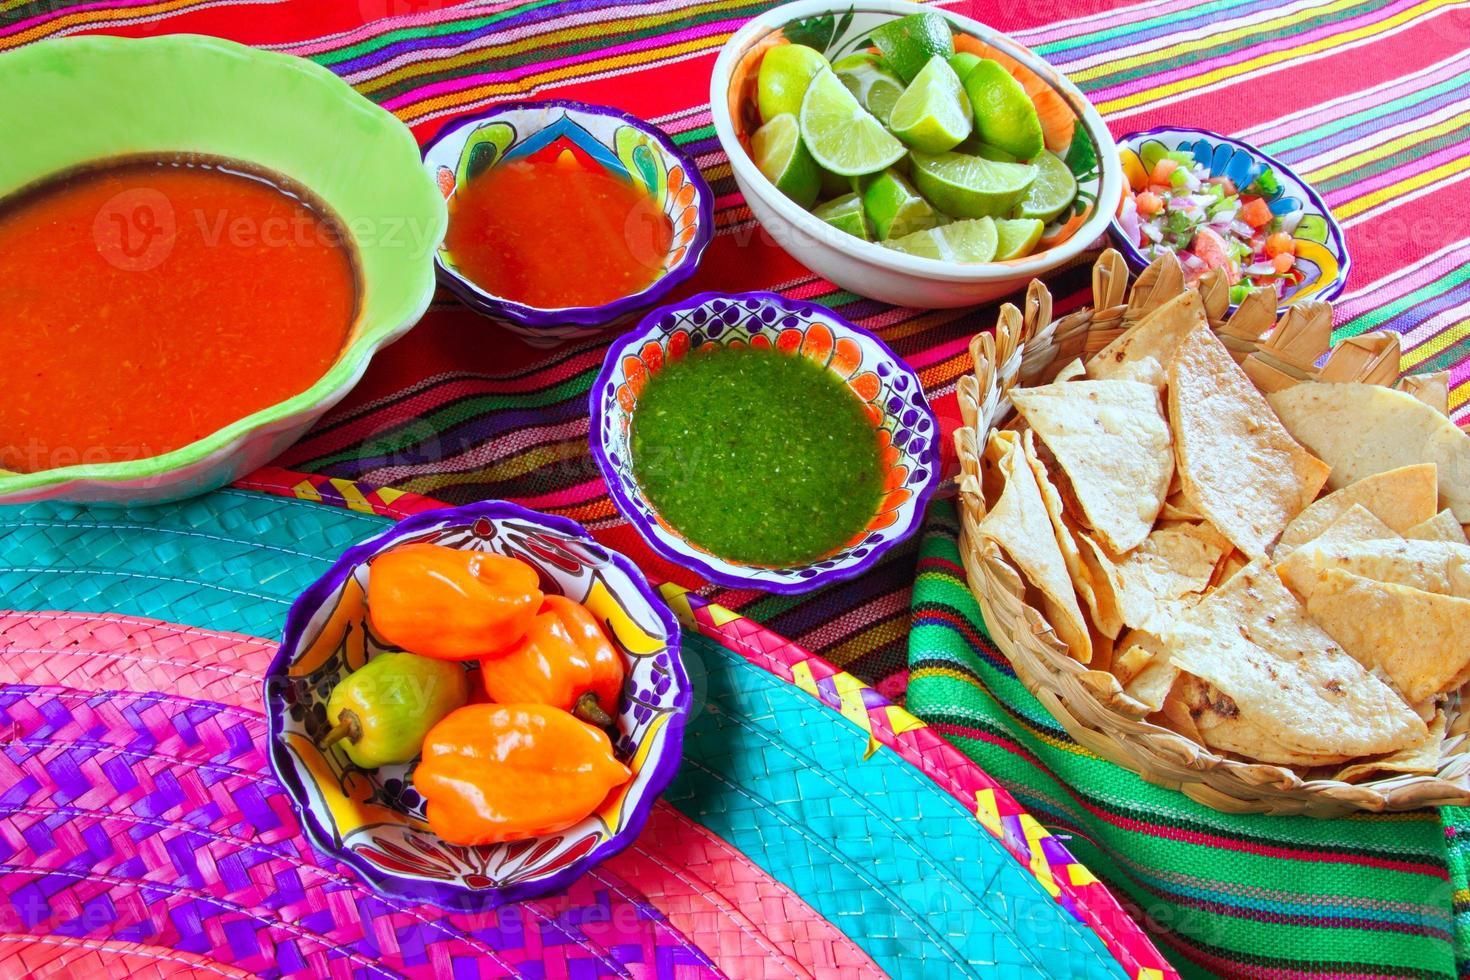 comida mexicana molhos variados nachos limão foto